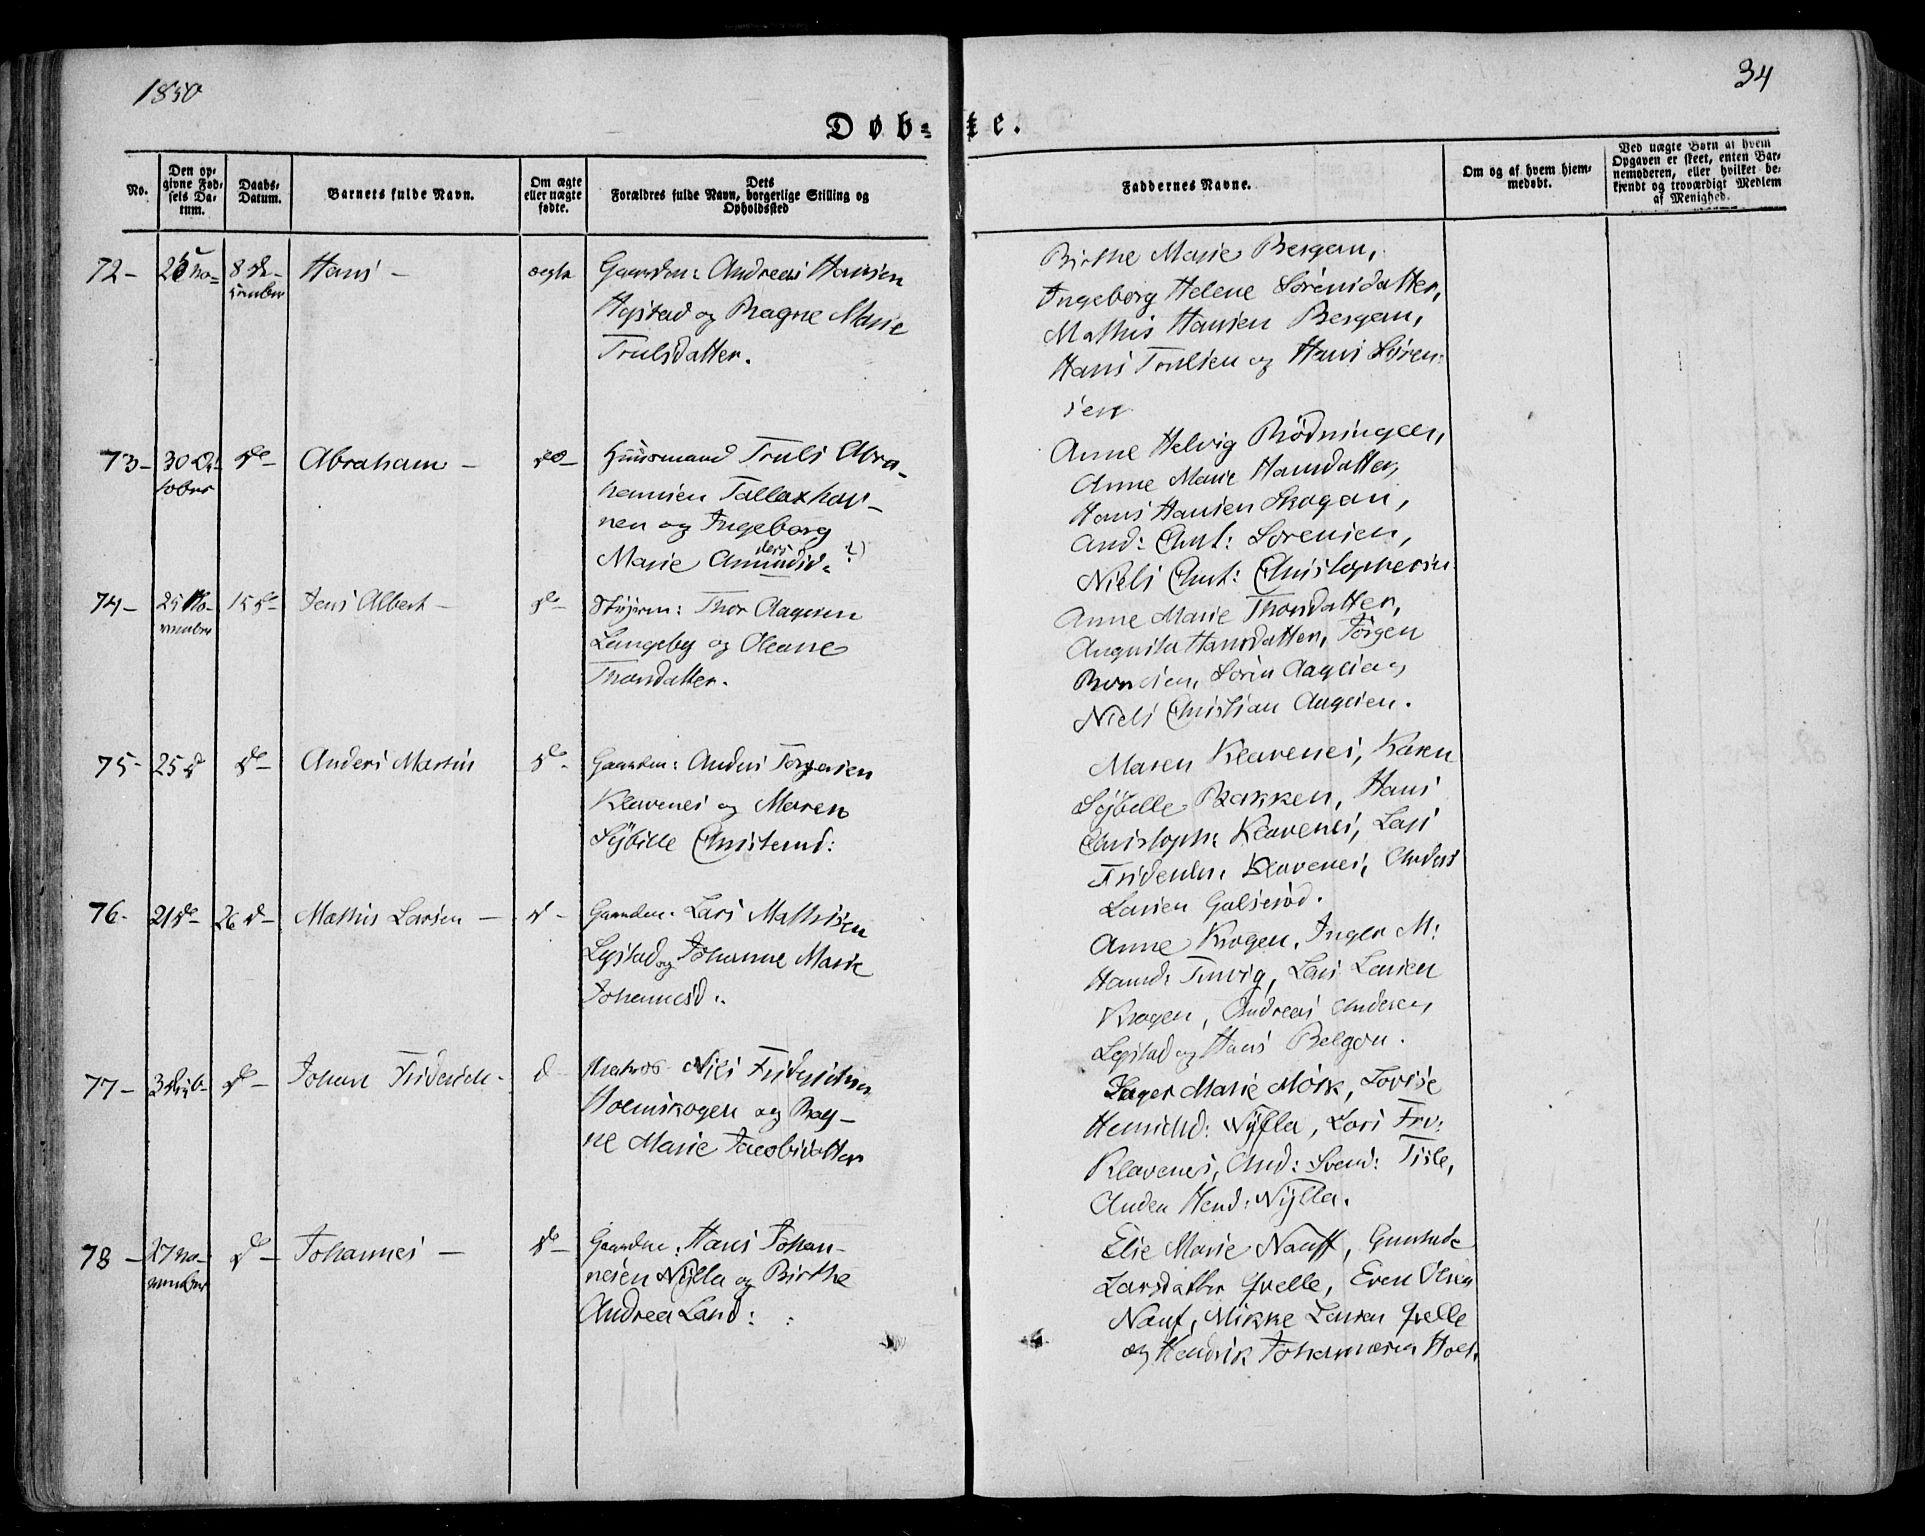 SAKO, Sandar kirkebøker, F/Fa/L0006: Ministerialbok nr. 6, 1847-1860, s. 34